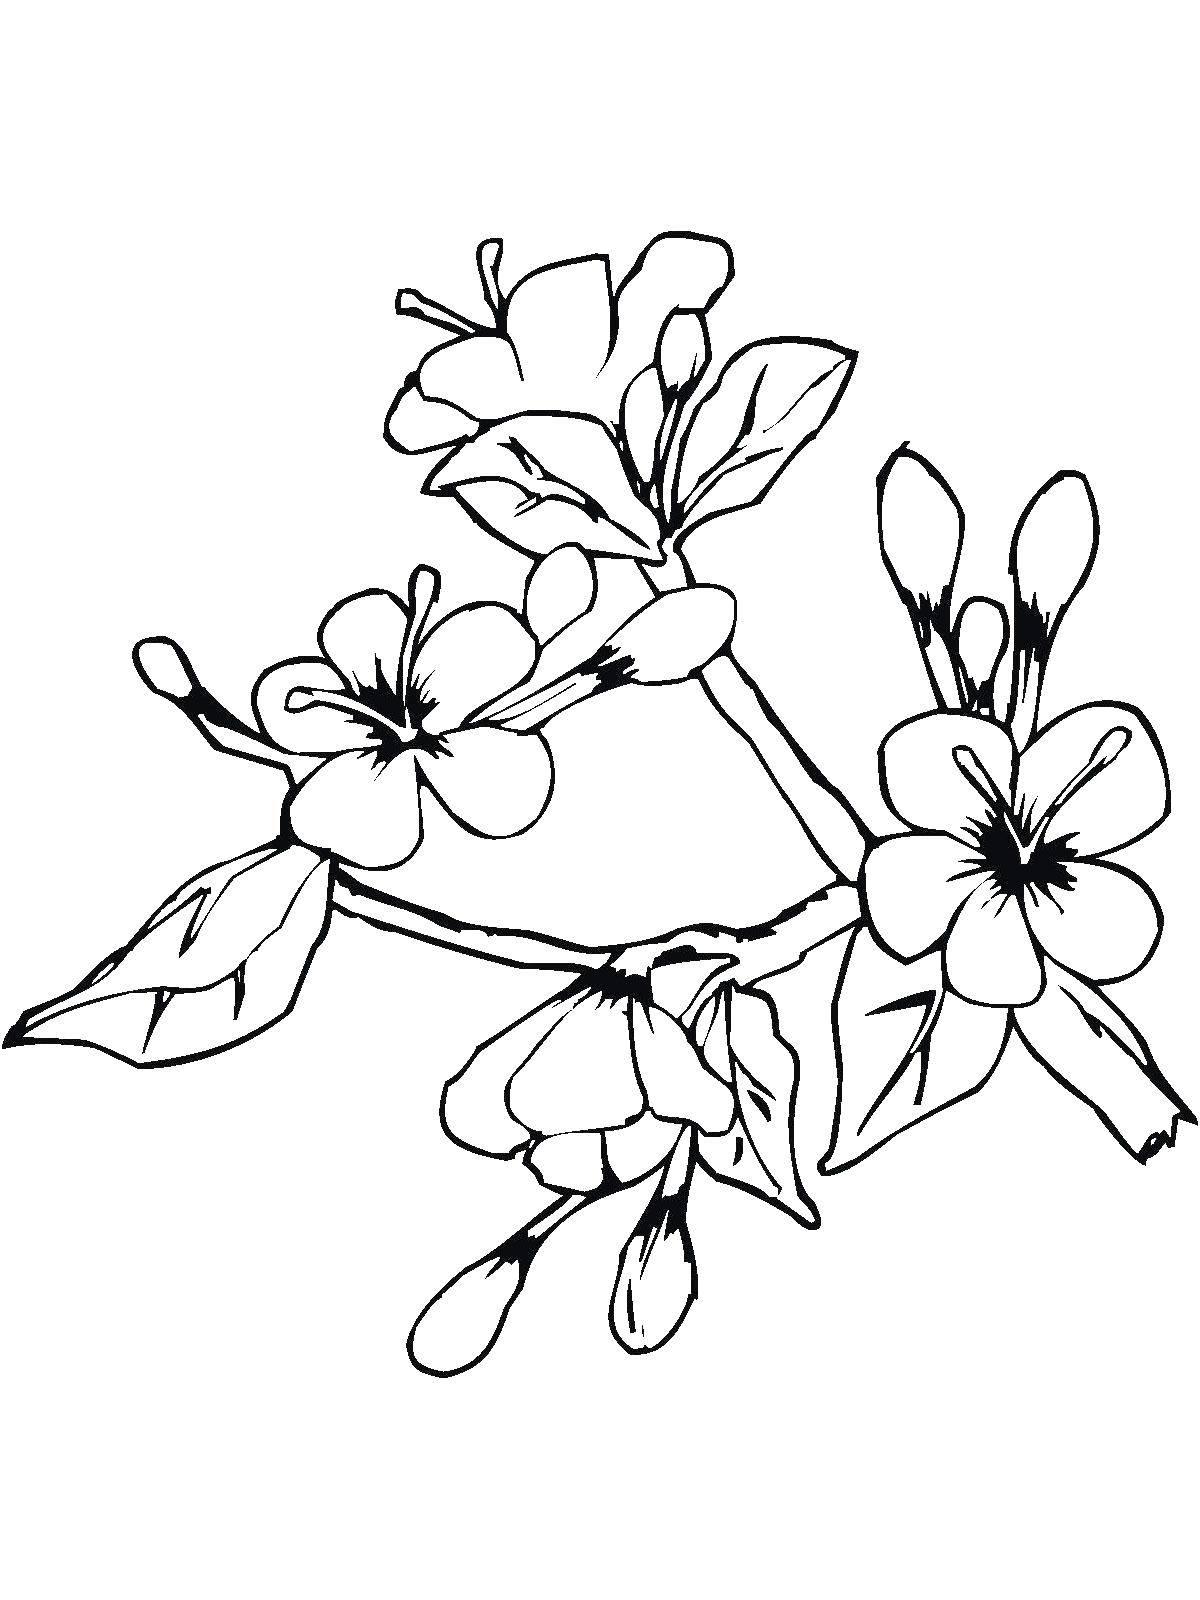 Раскраска весна Скачать мортал комбат.  Распечатать ,мортал комбат,